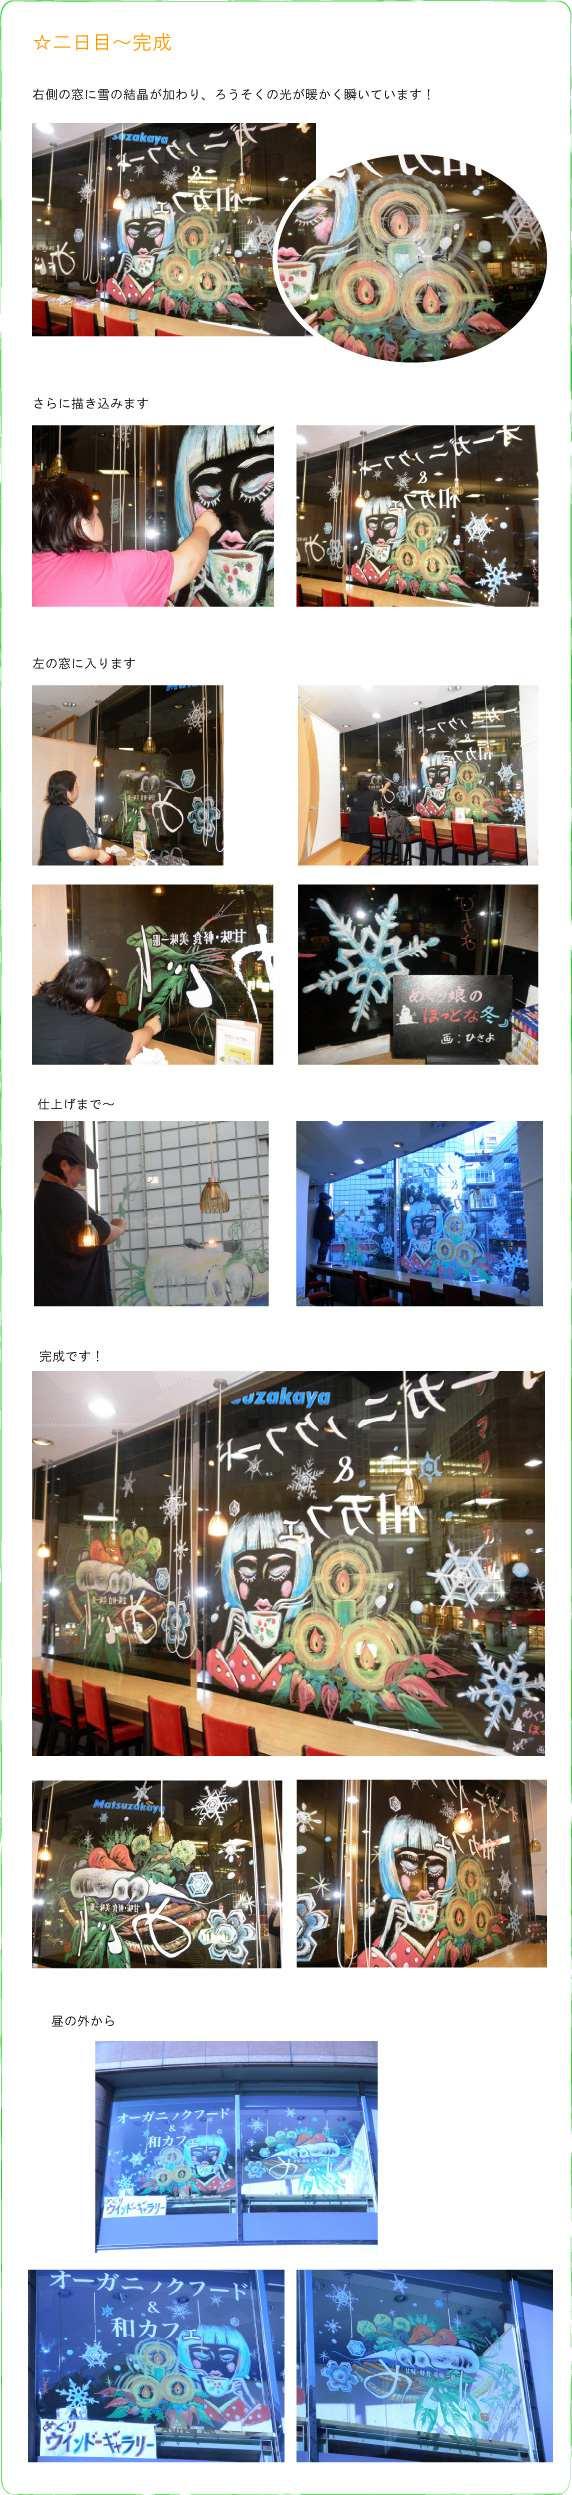 めぐり・ウインドー・ギャラリー第14弾はHisayo(ひさよ)さんの『めぐり娘のほっとな冬』       (2011年12月14日〜2012年1月中旬)